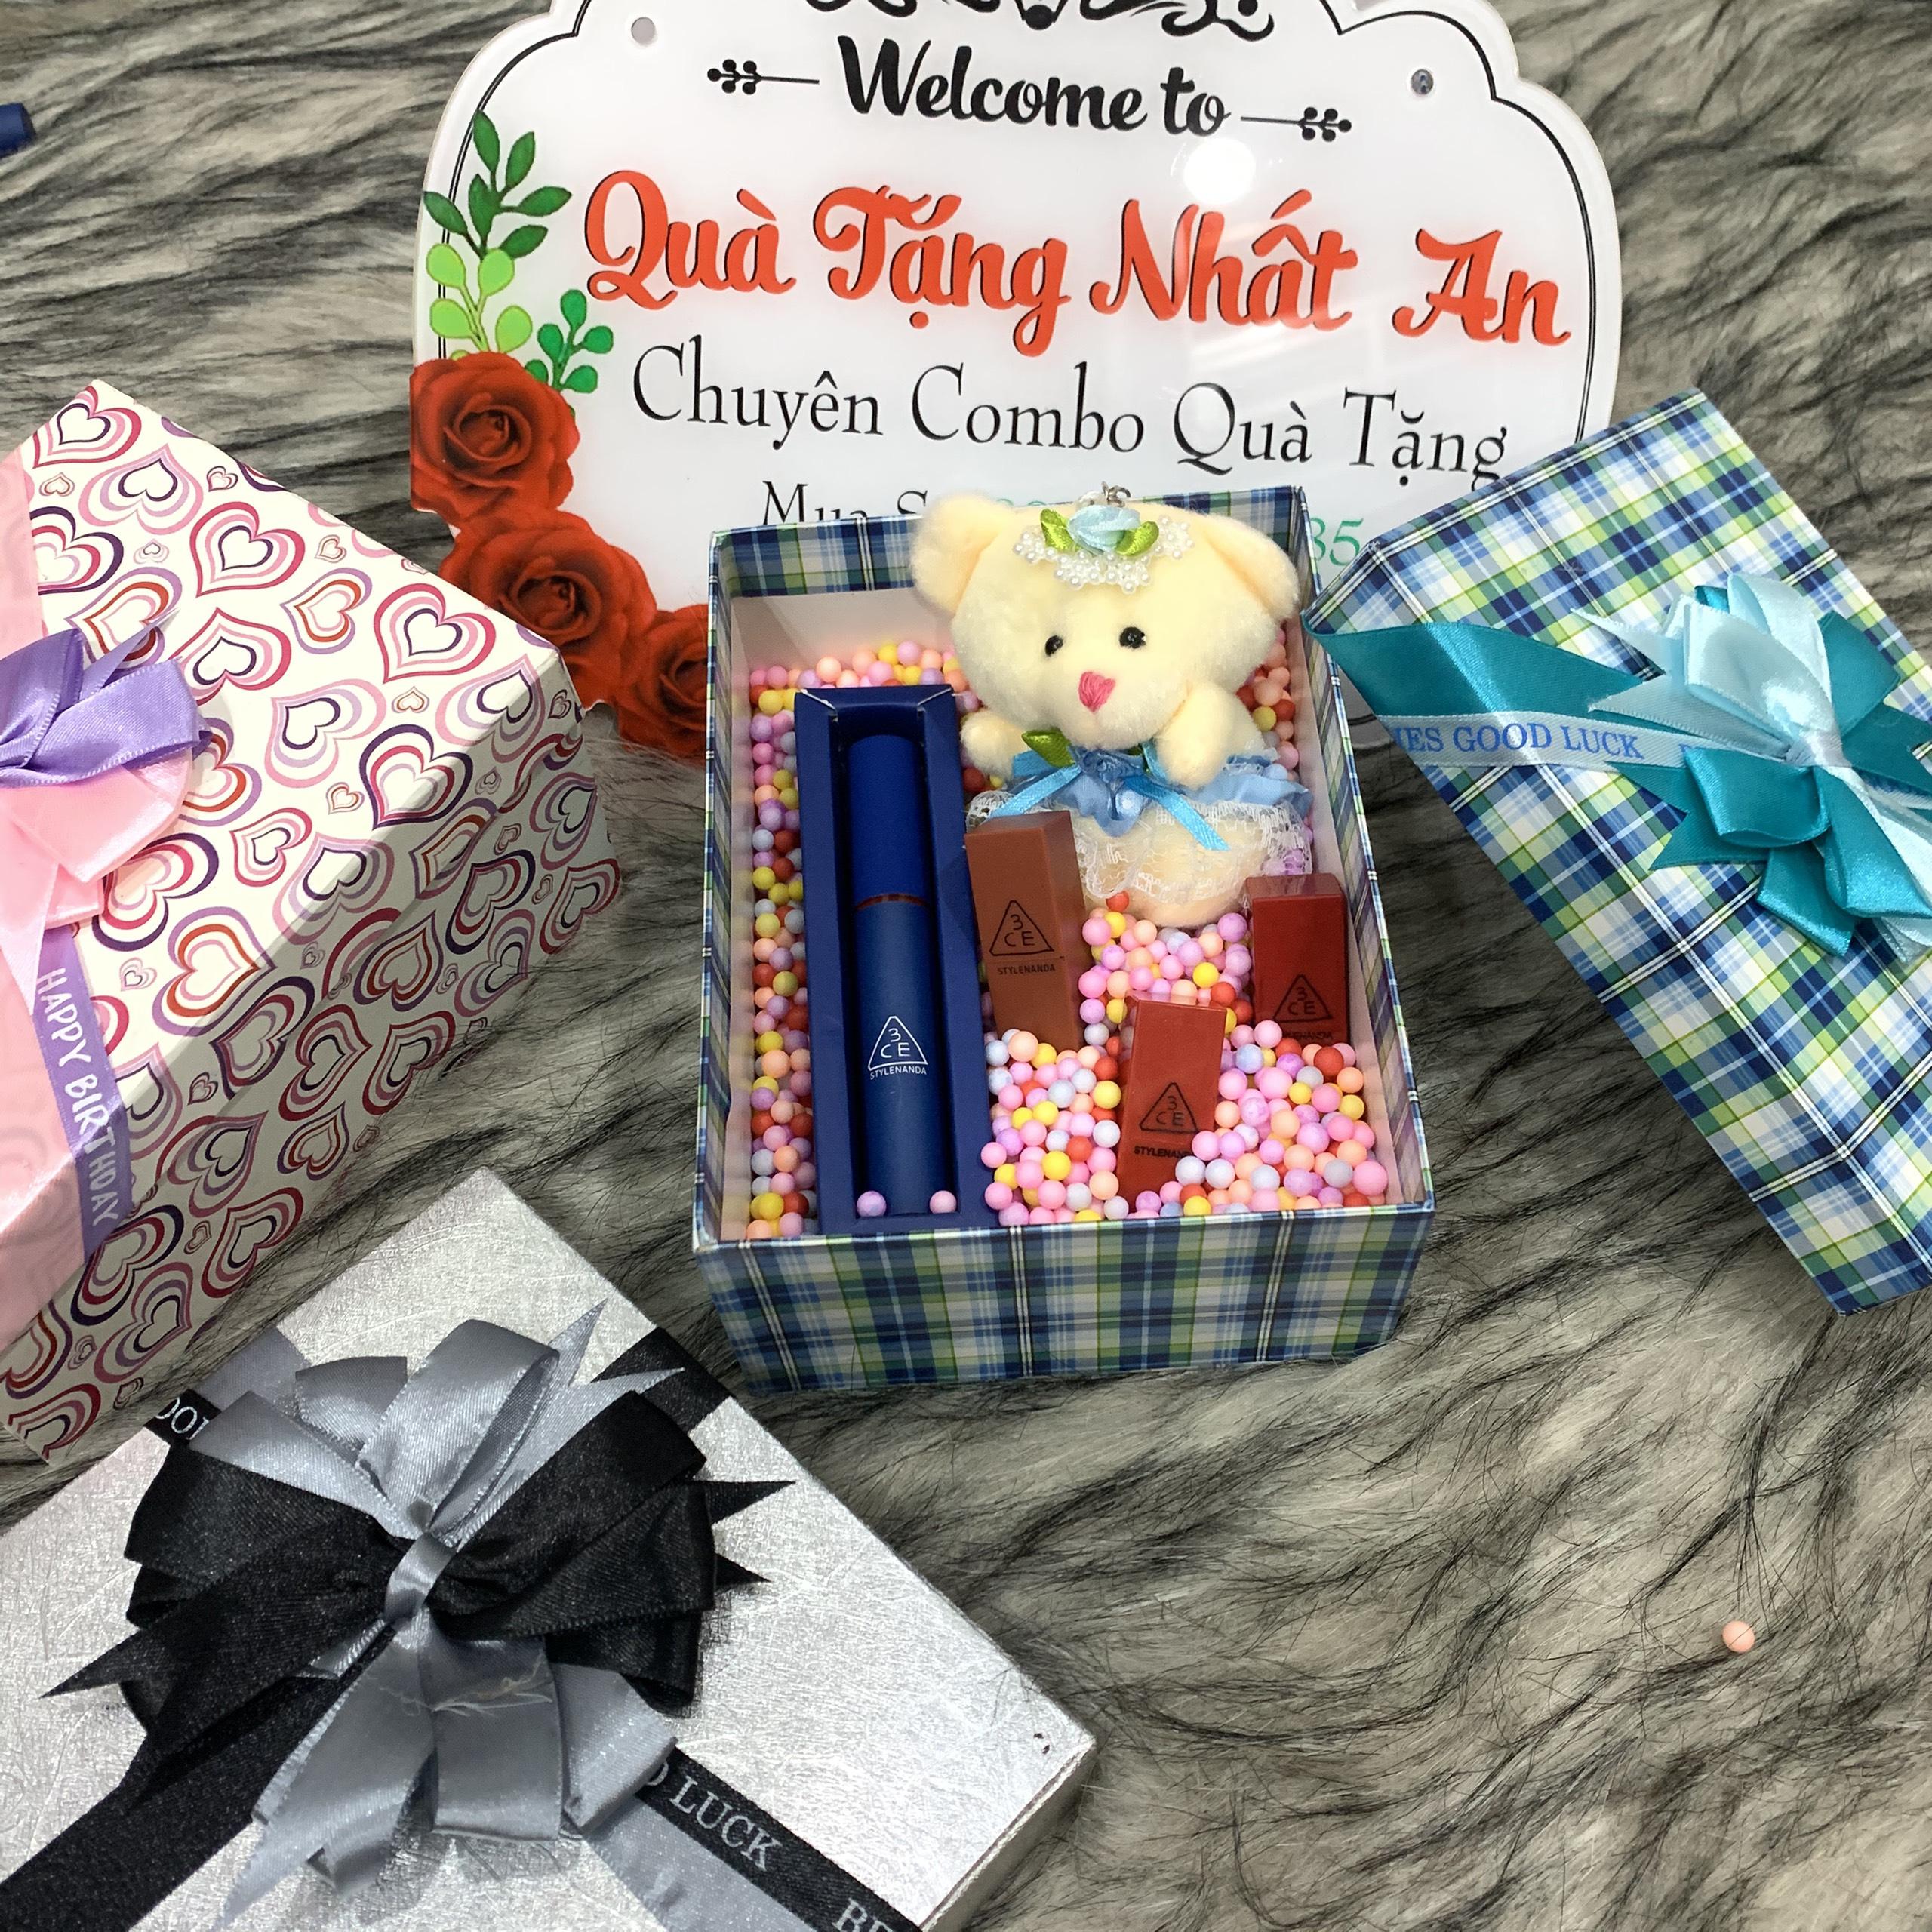 Hình ảnh [Tặng kèm gấu bông] Combo quà tặng cho bạn gái, hộp quà có nơ rất đẹp. 1 thỏi xanh +2 thỏi son mini ngày sinh nhật 14.2, 8/3, 20.10. Quà tặng Nhất An